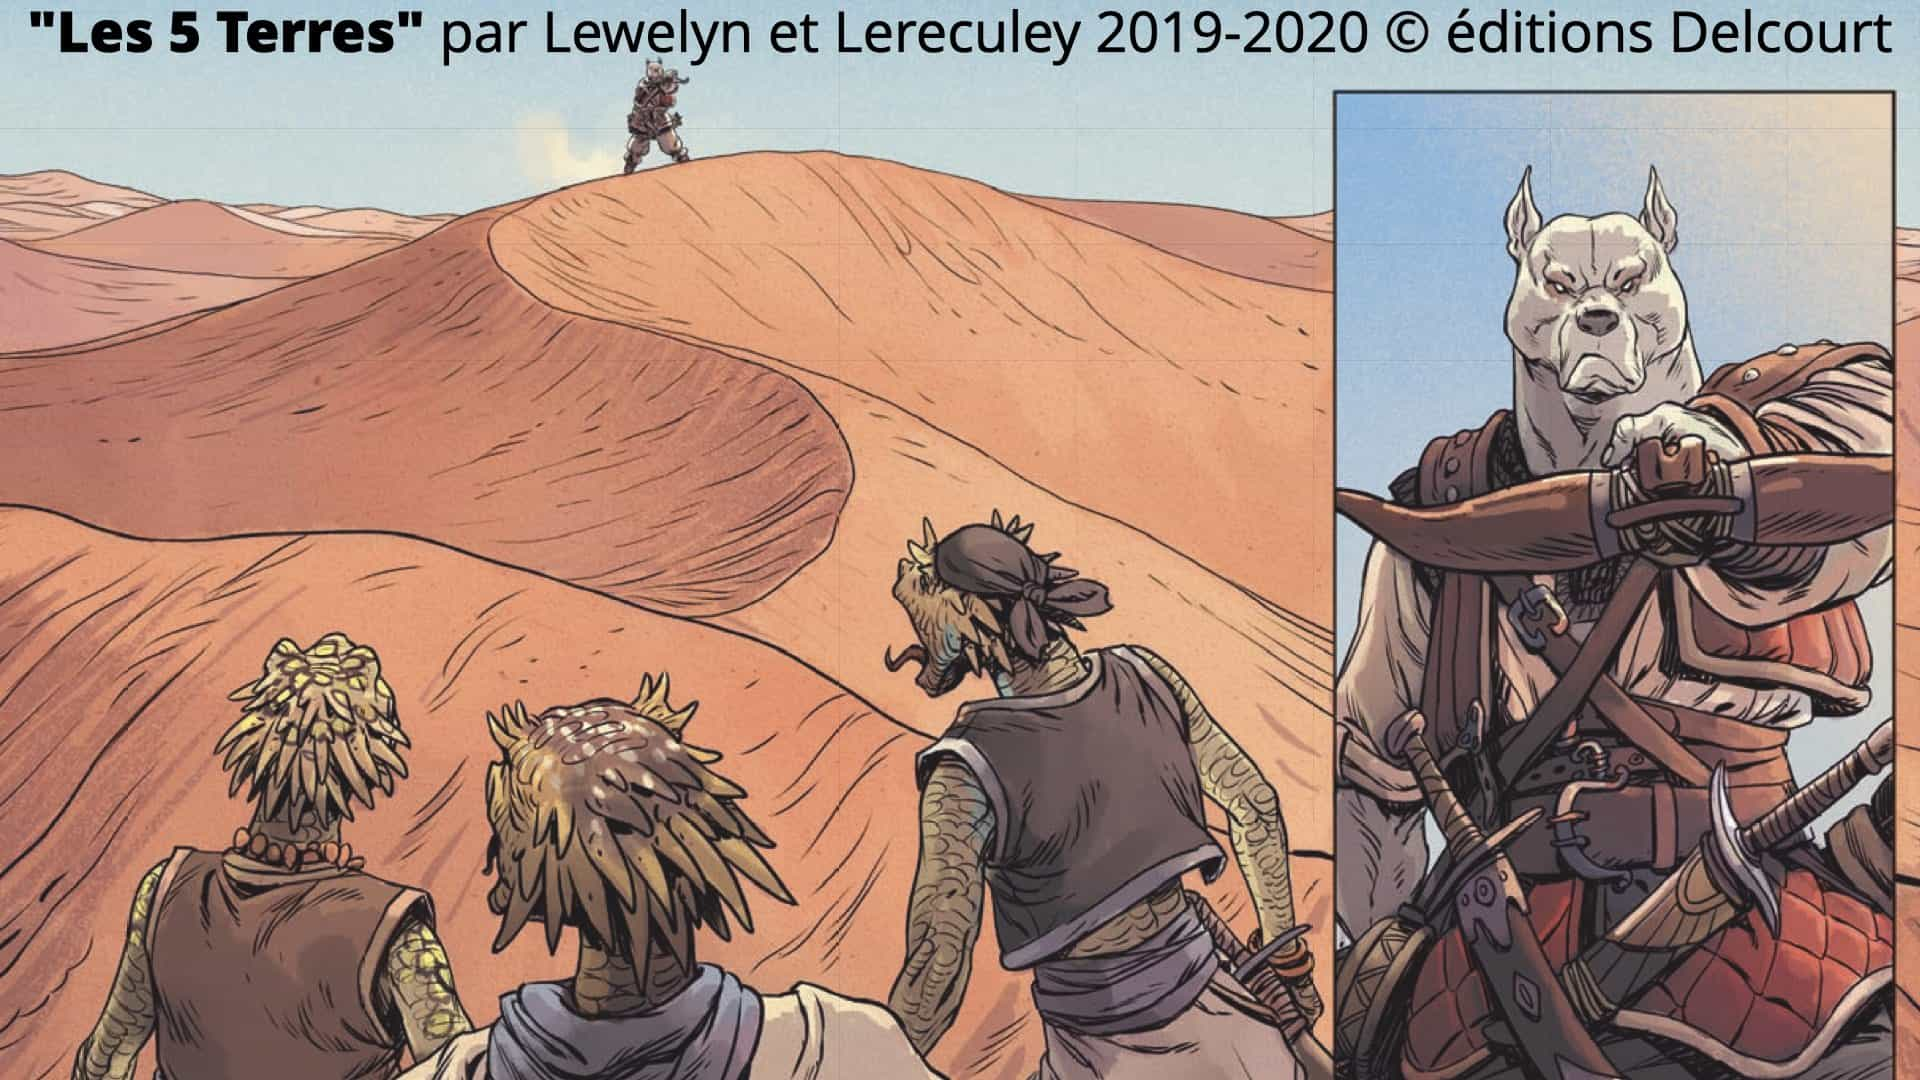 générique Delcourt Soleil 2021 ***16:9***.043